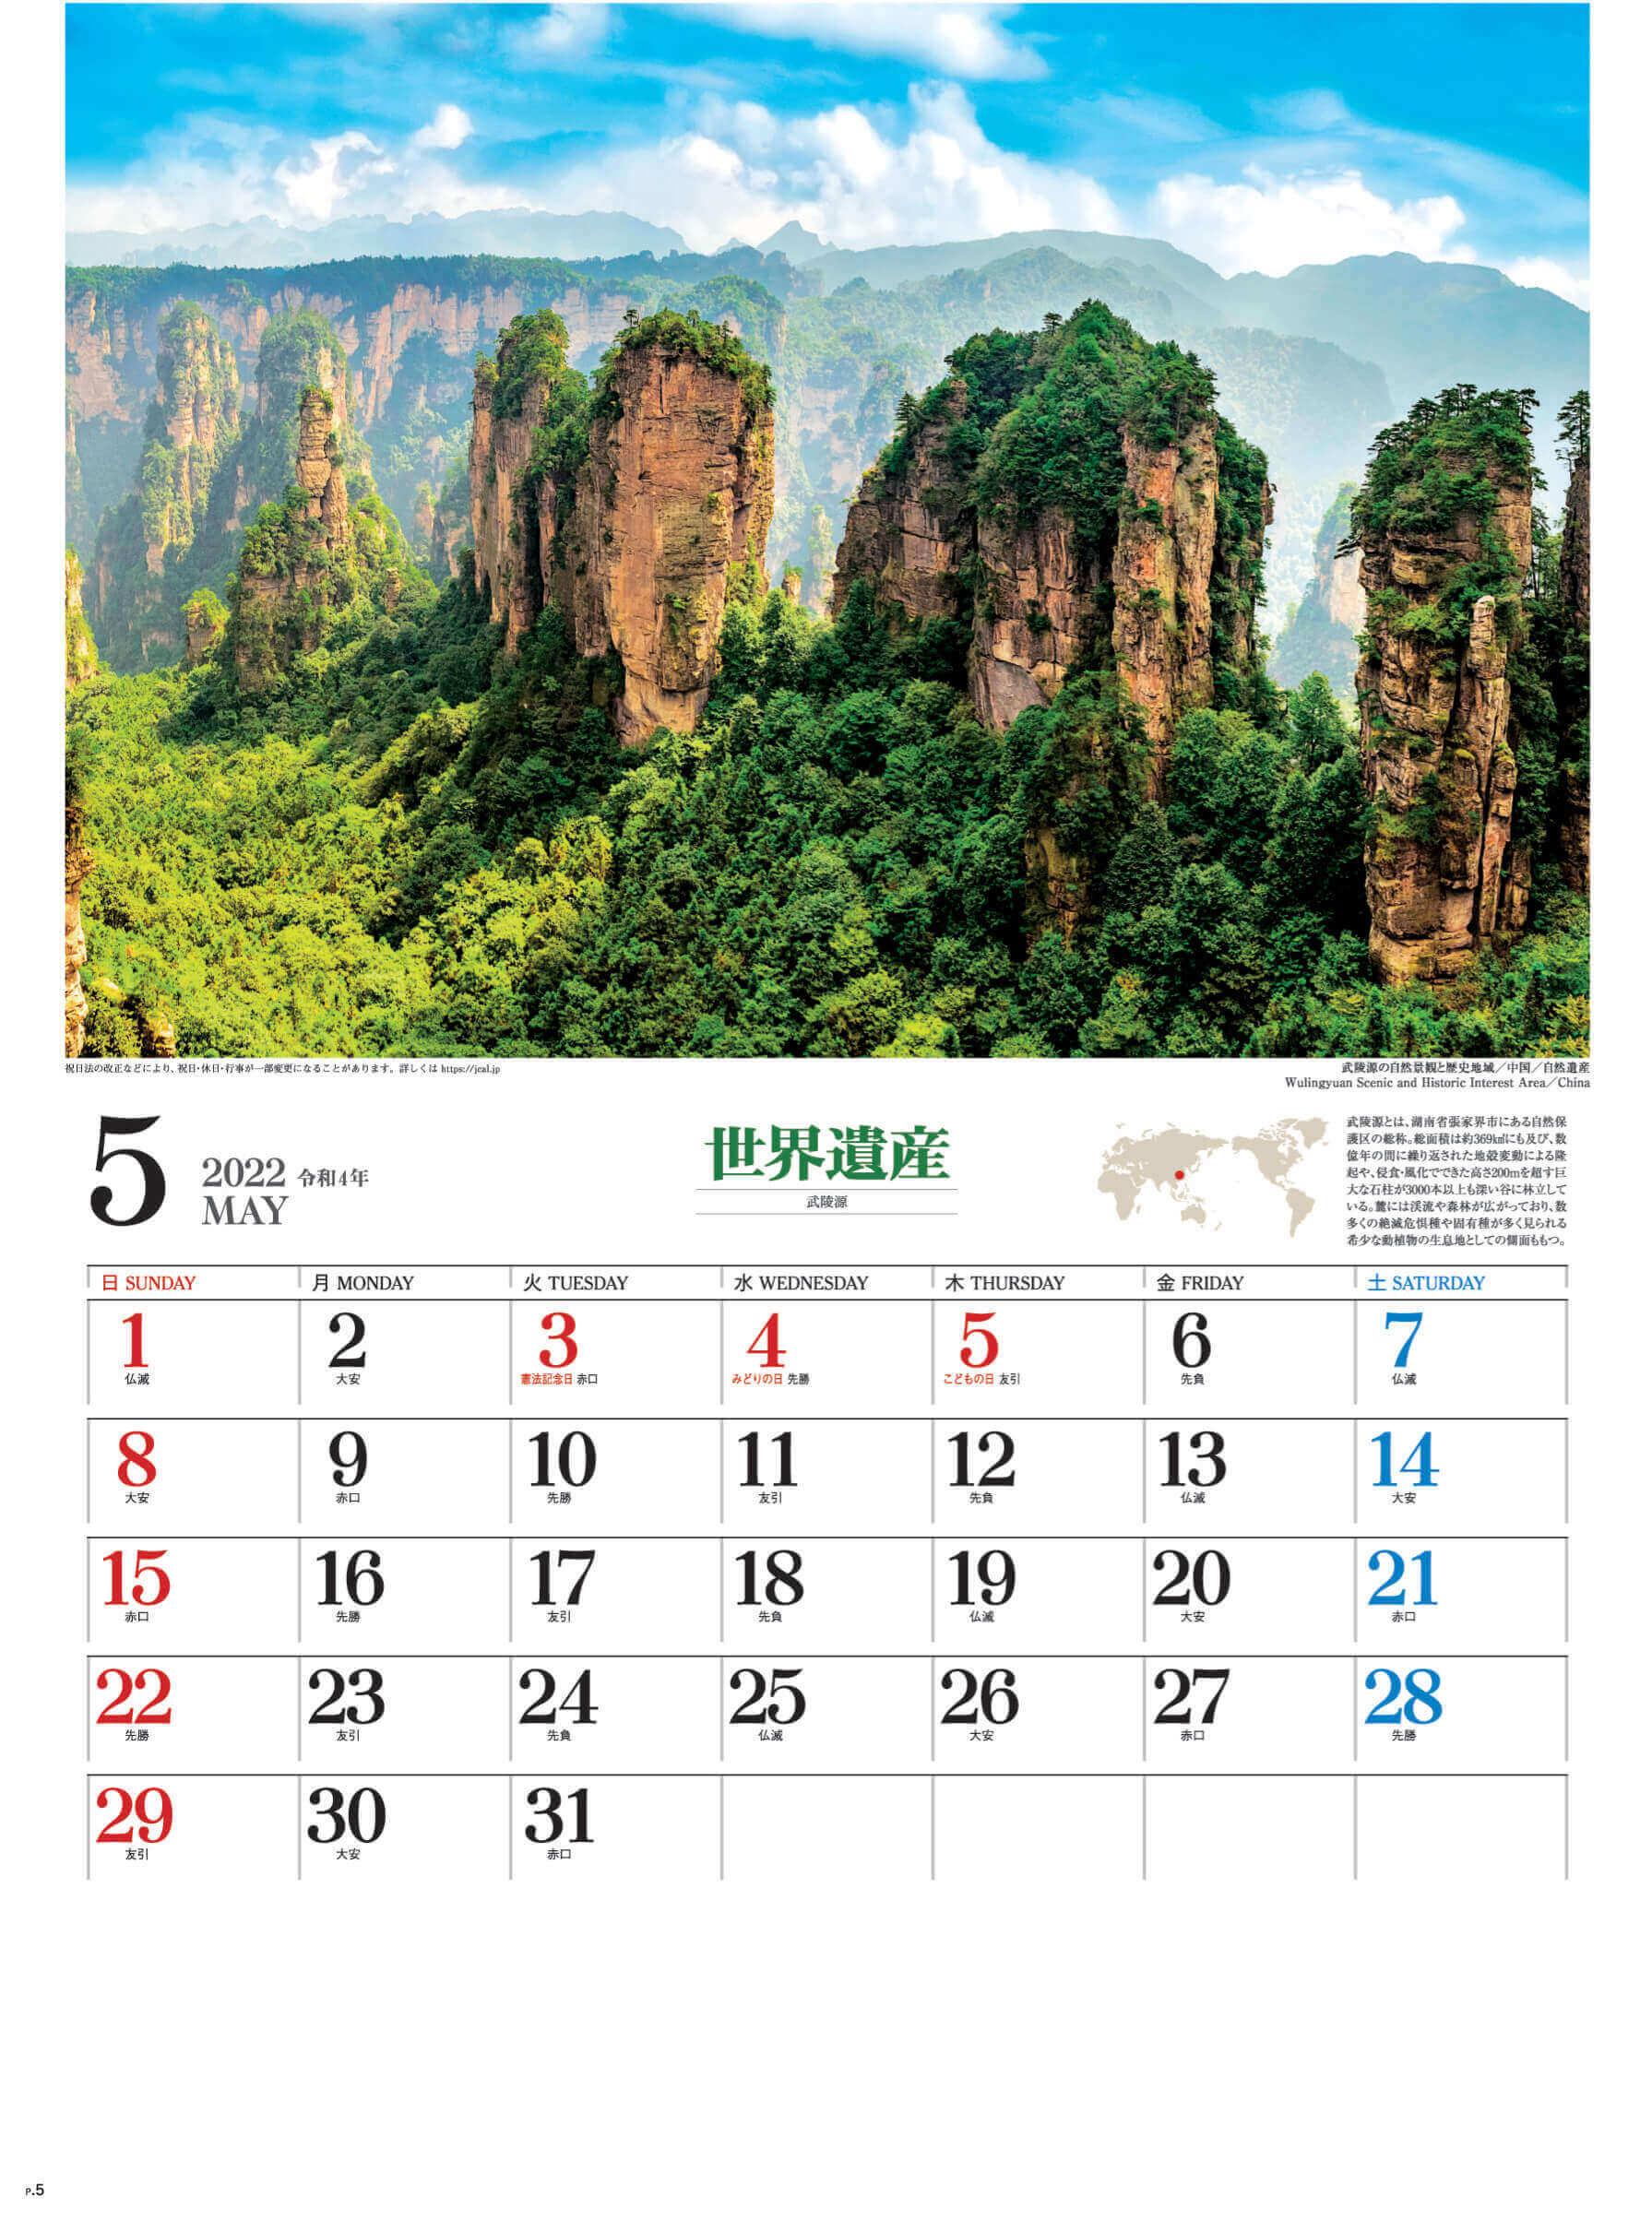 5月 武陵源 中国 ユネスコ世界遺産 2022年カレンダーの画像